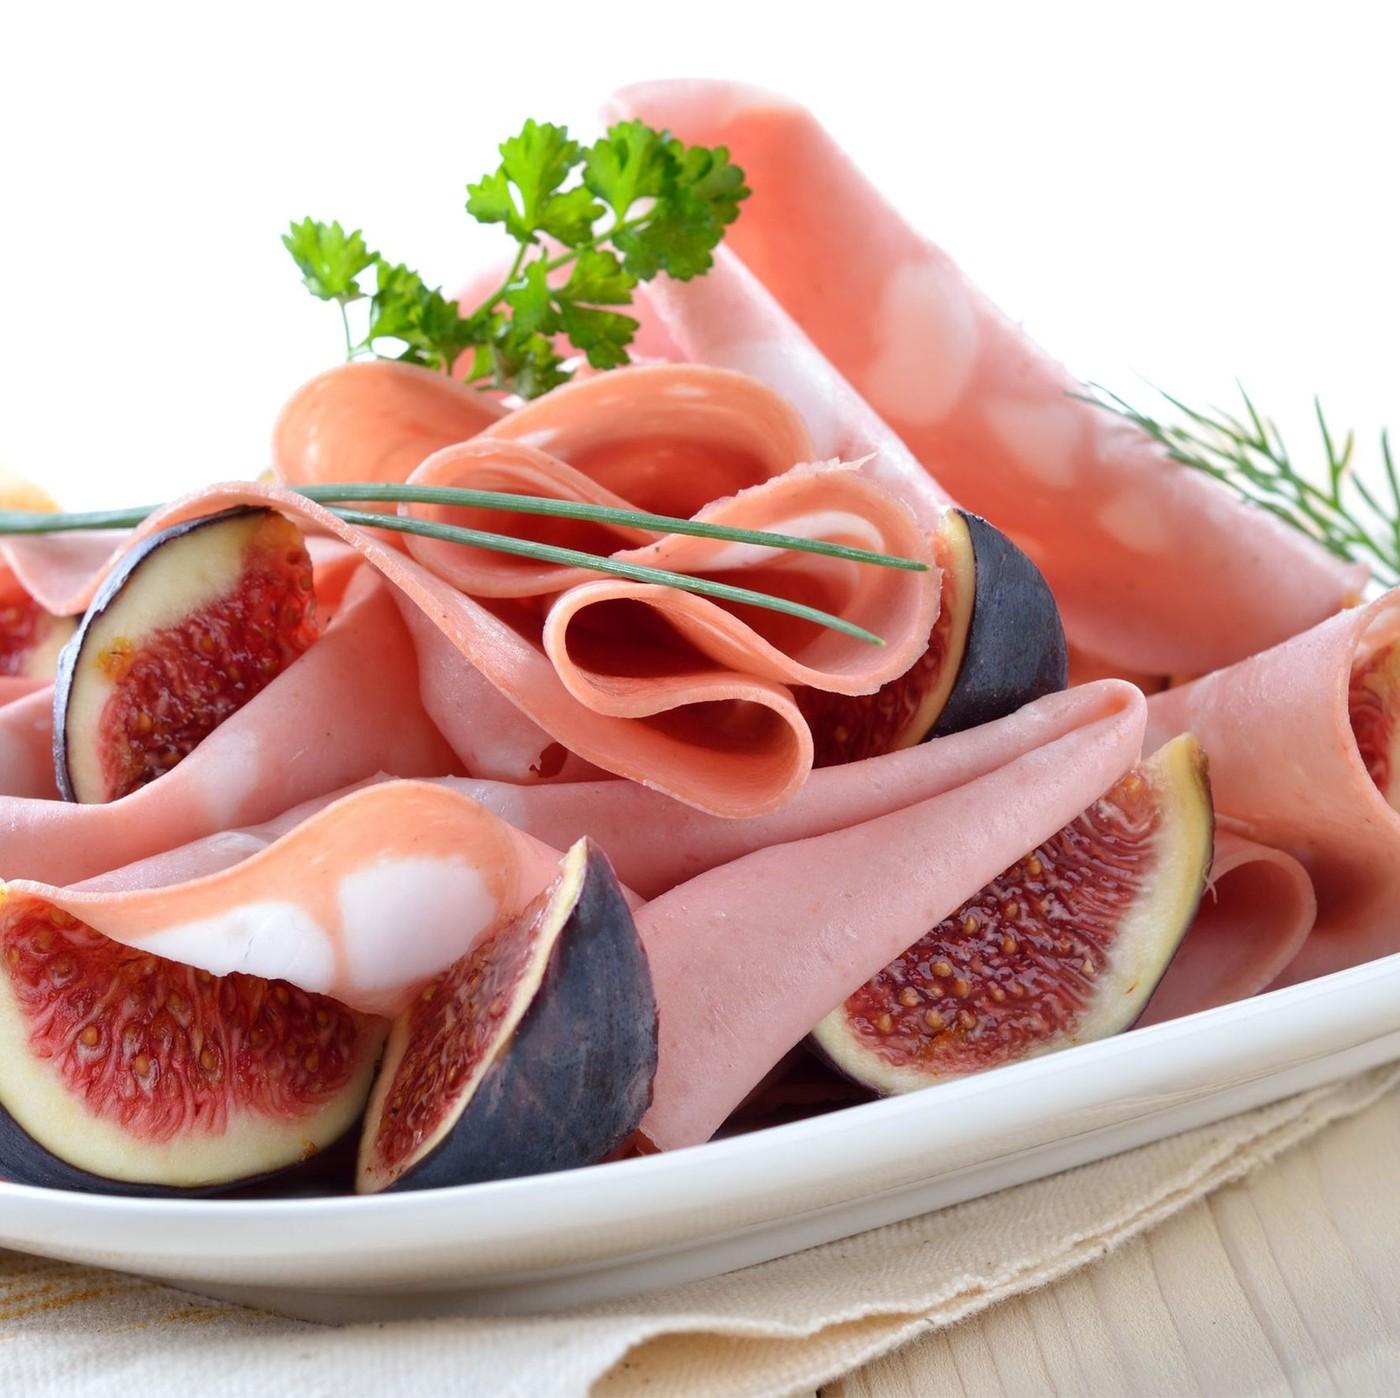 receta de Mortadella Miss Modena